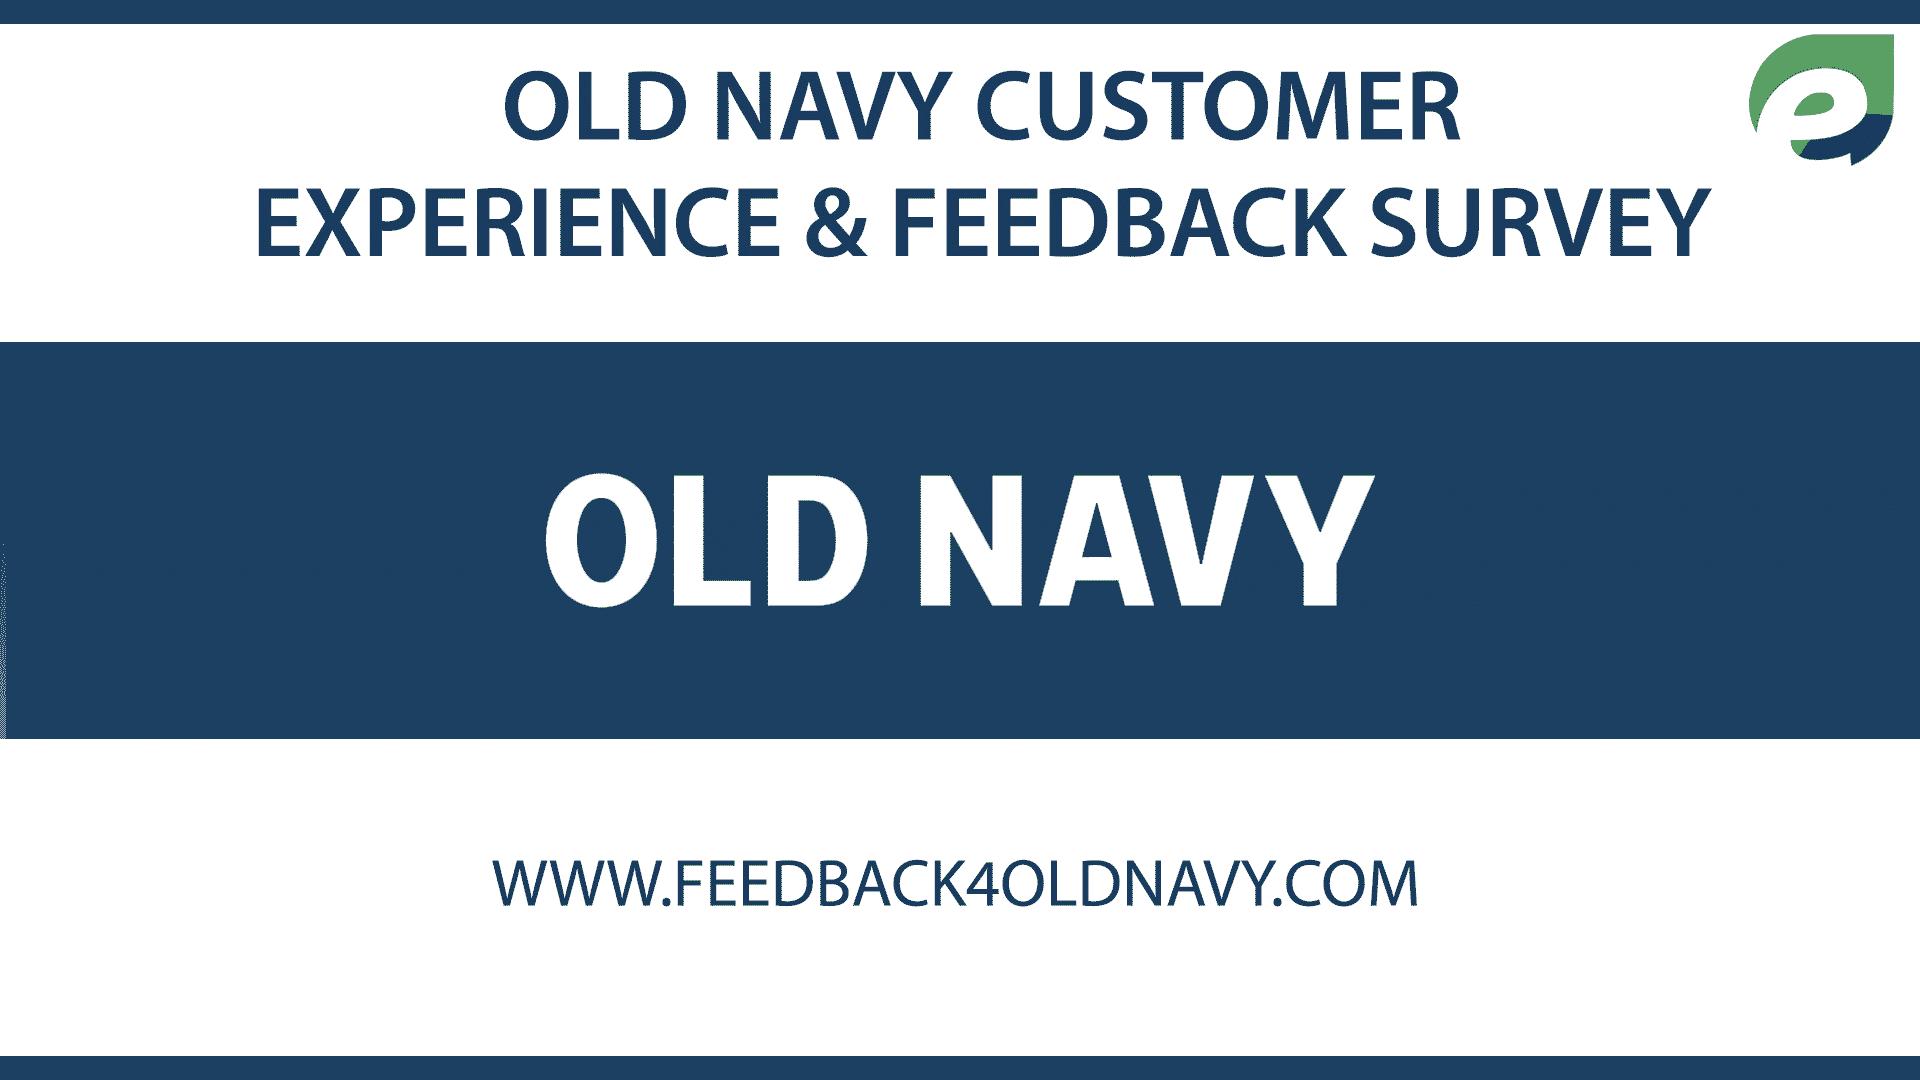 feedback4oldnavy